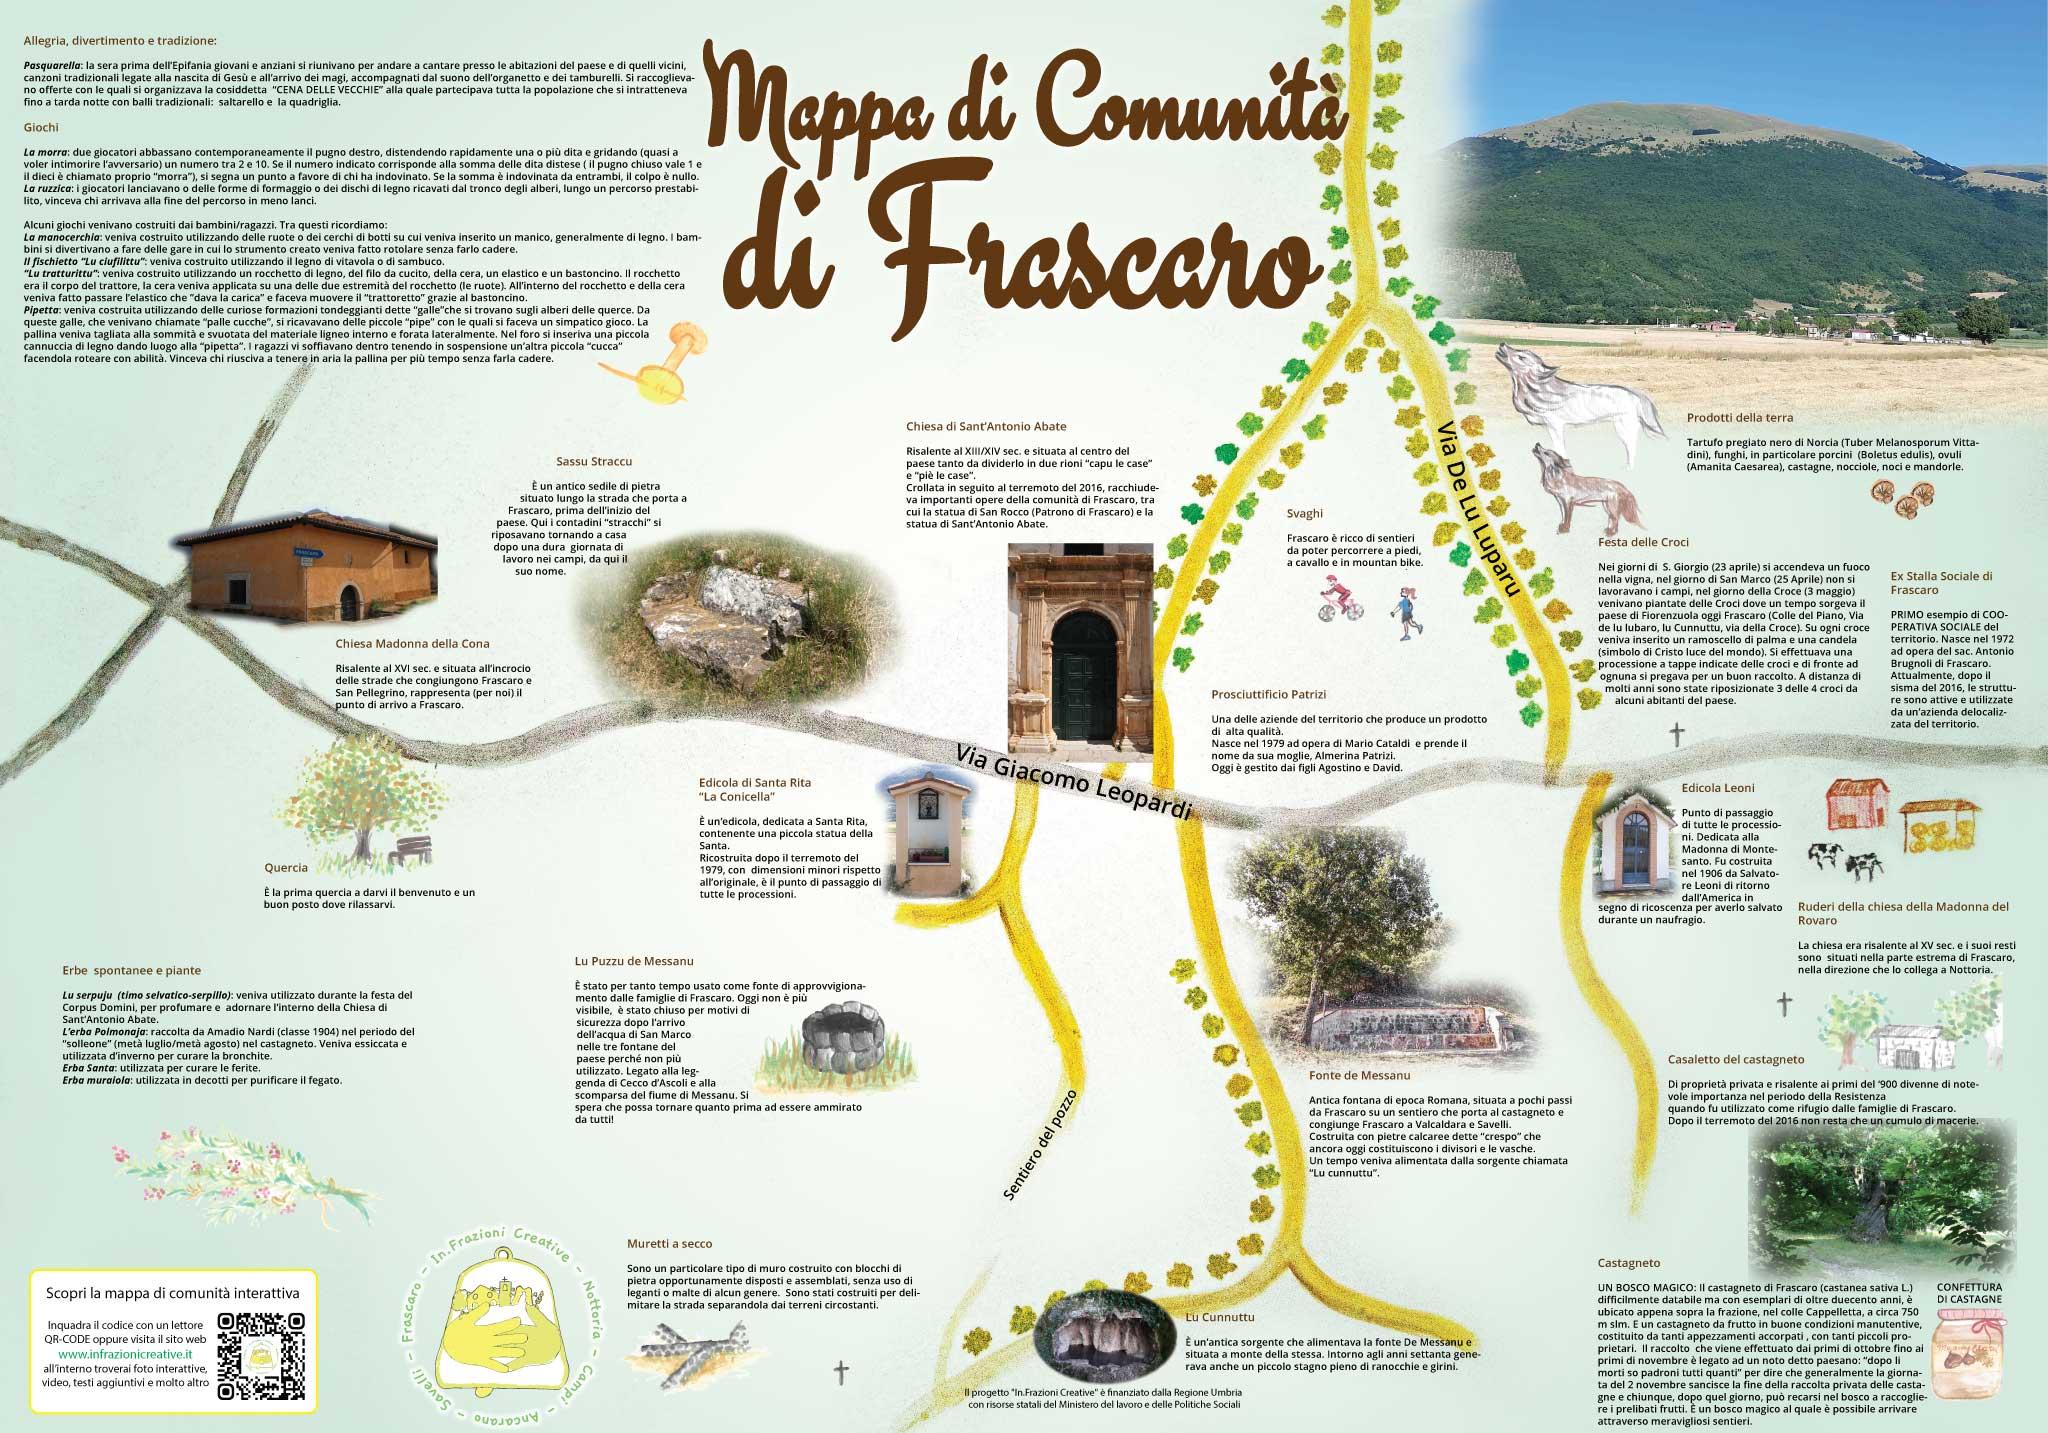 Mappa di comunità di Frascaro in parole